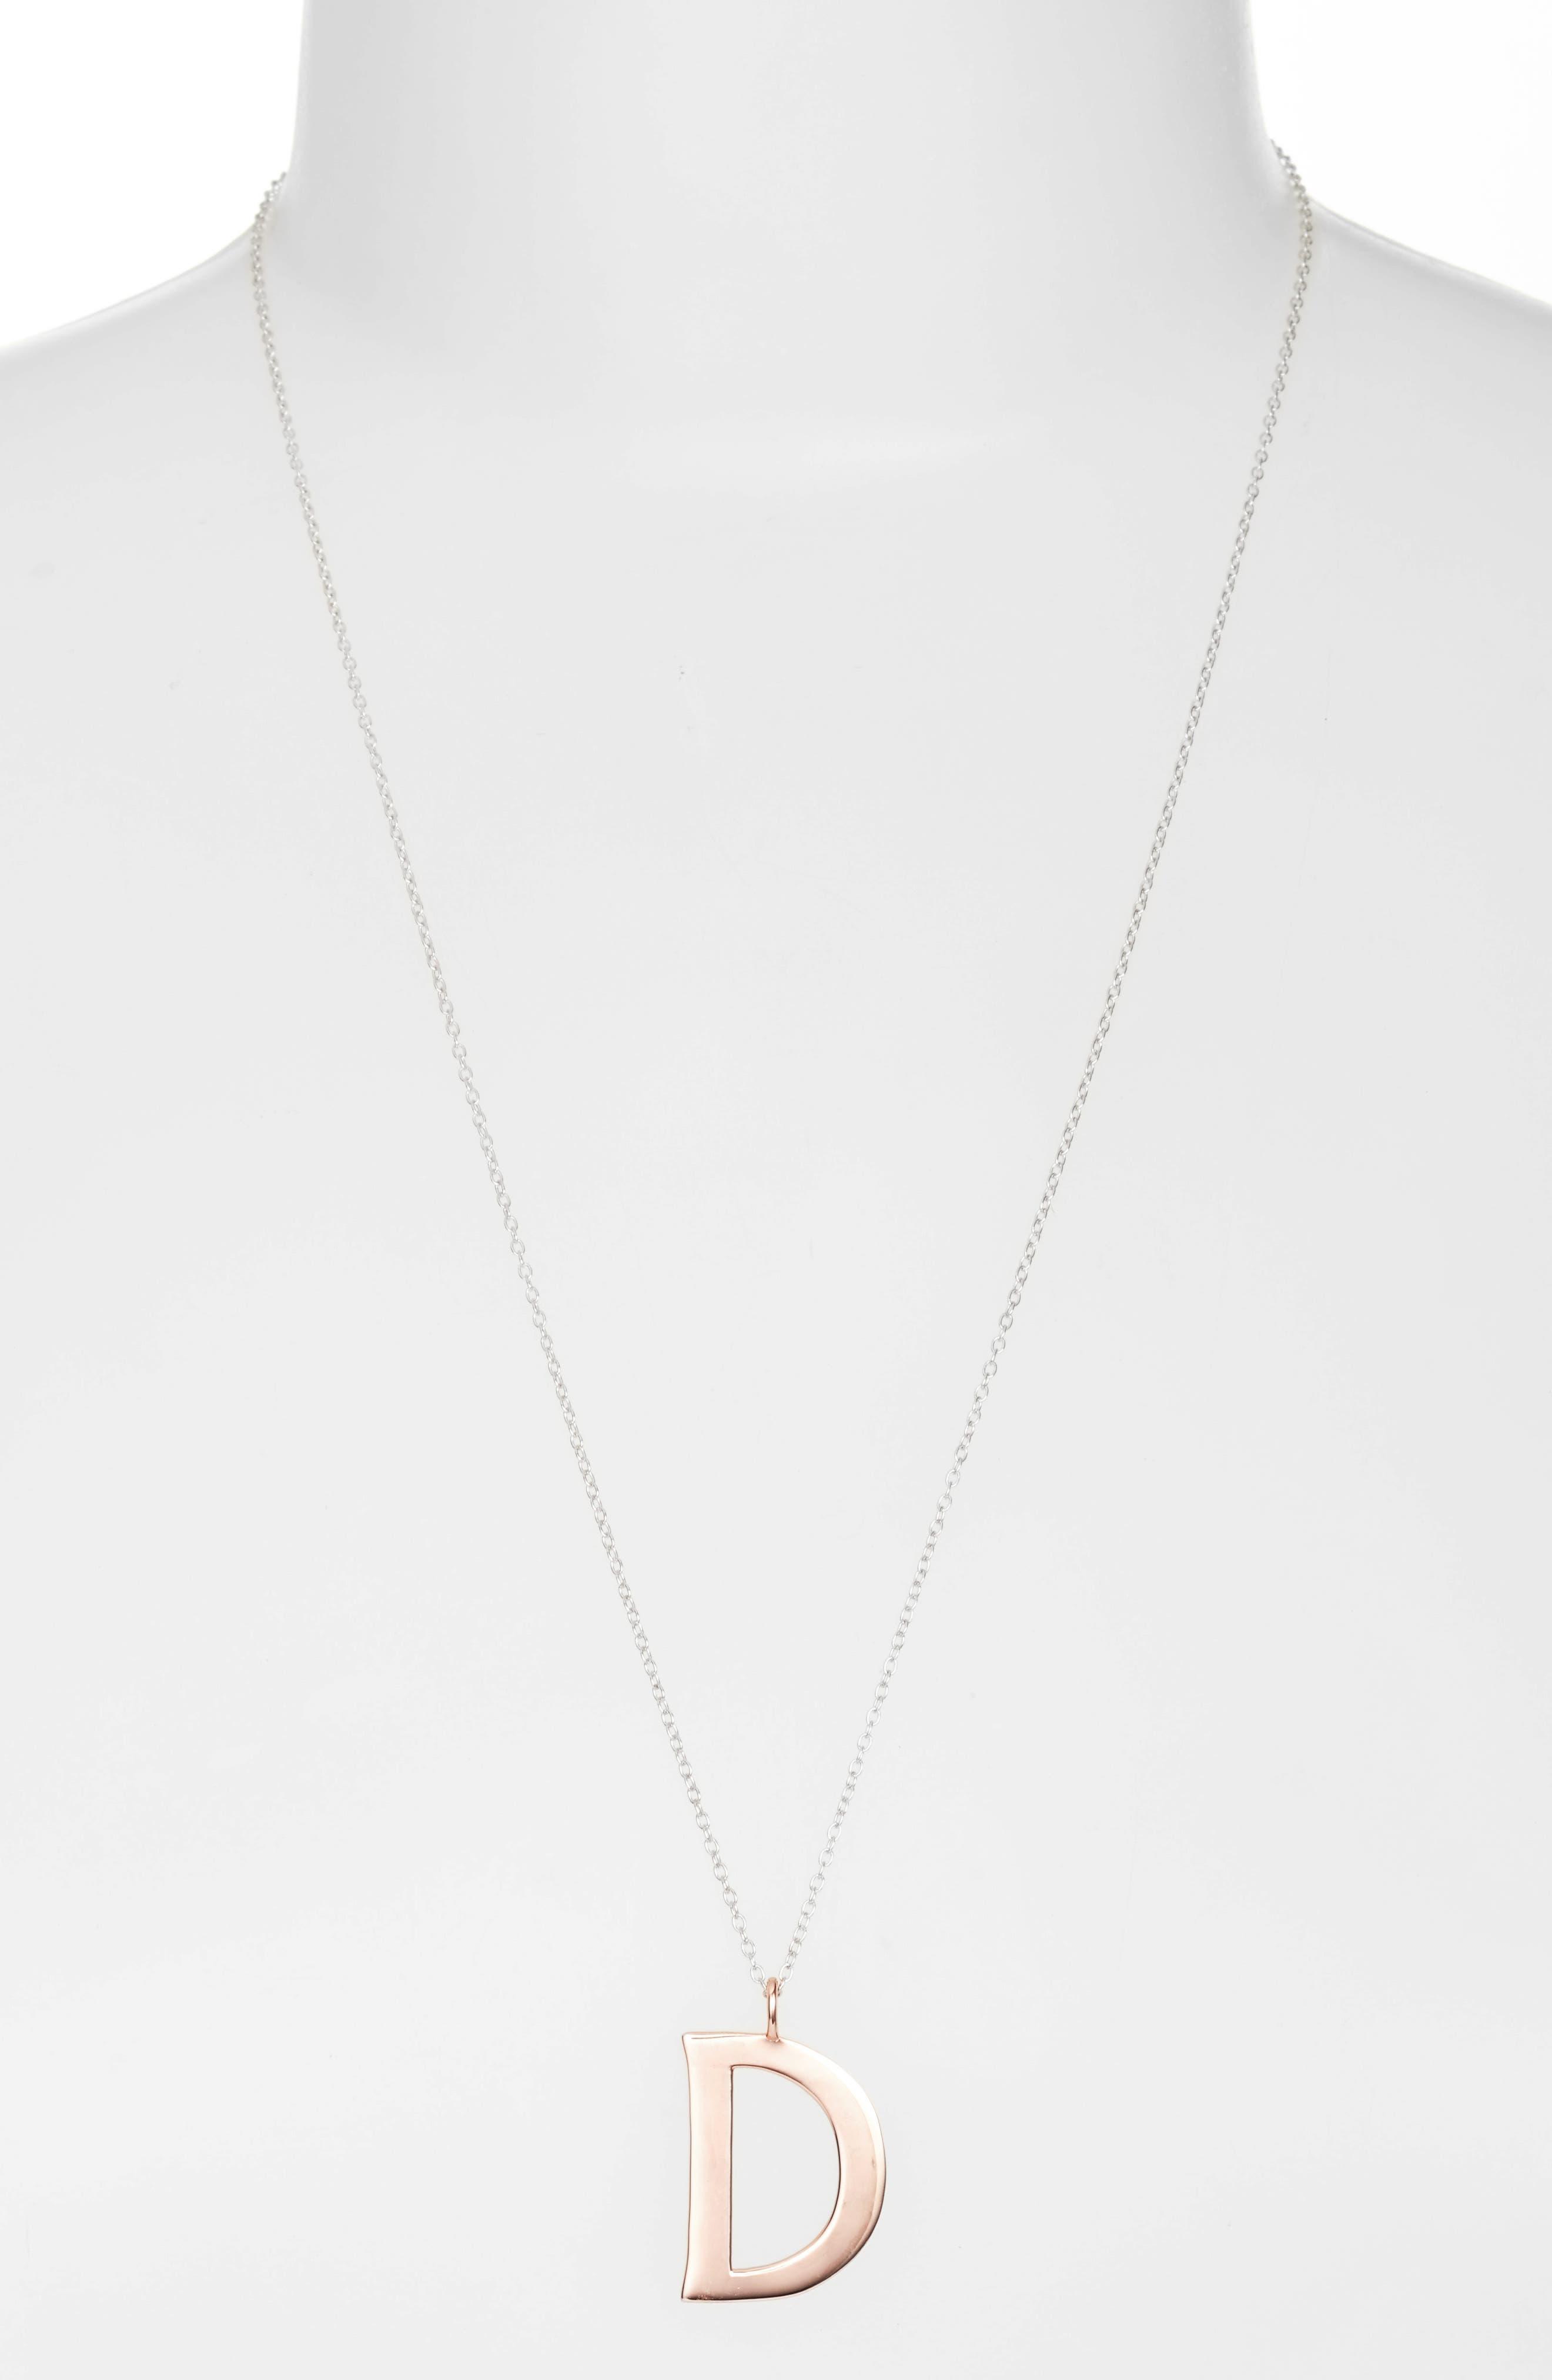 Argento Vivo Initial Pendant Necklace